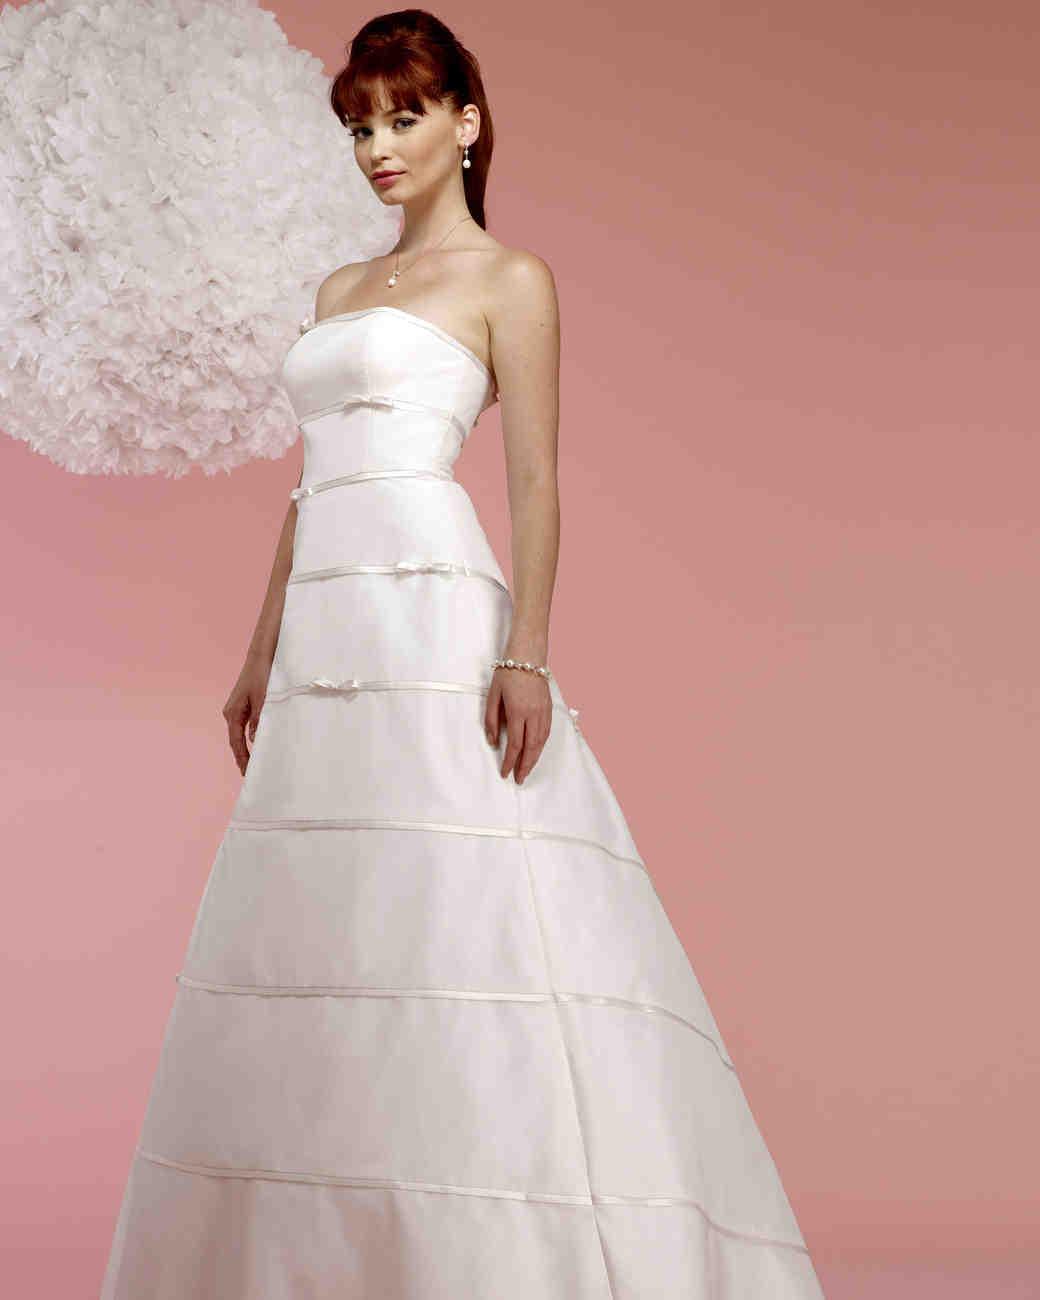 iconic-dresses-steven-birnbaum.jpg